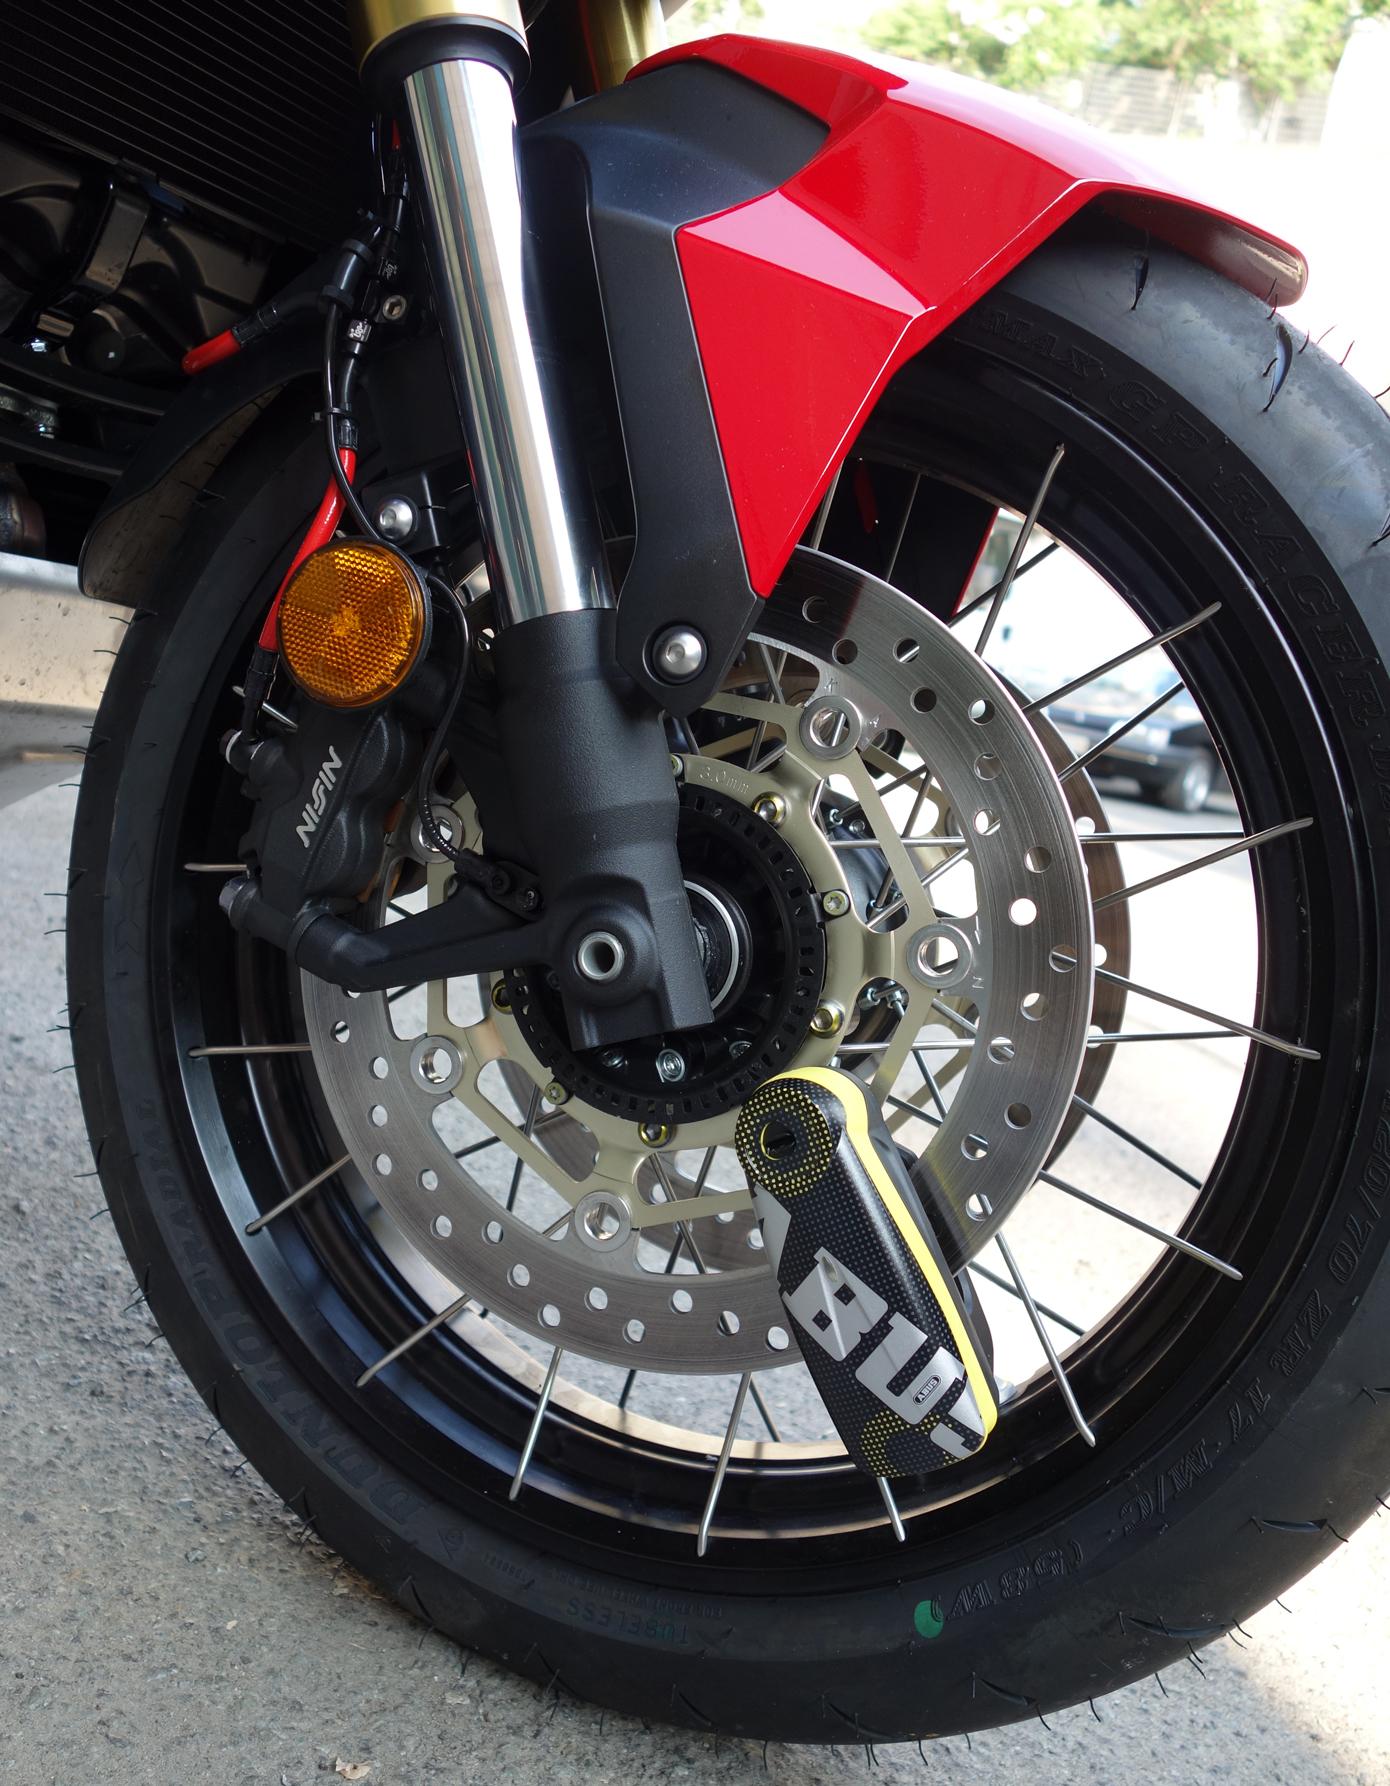 Brake Disc Lock with Alarm Suzuki Burgman 250